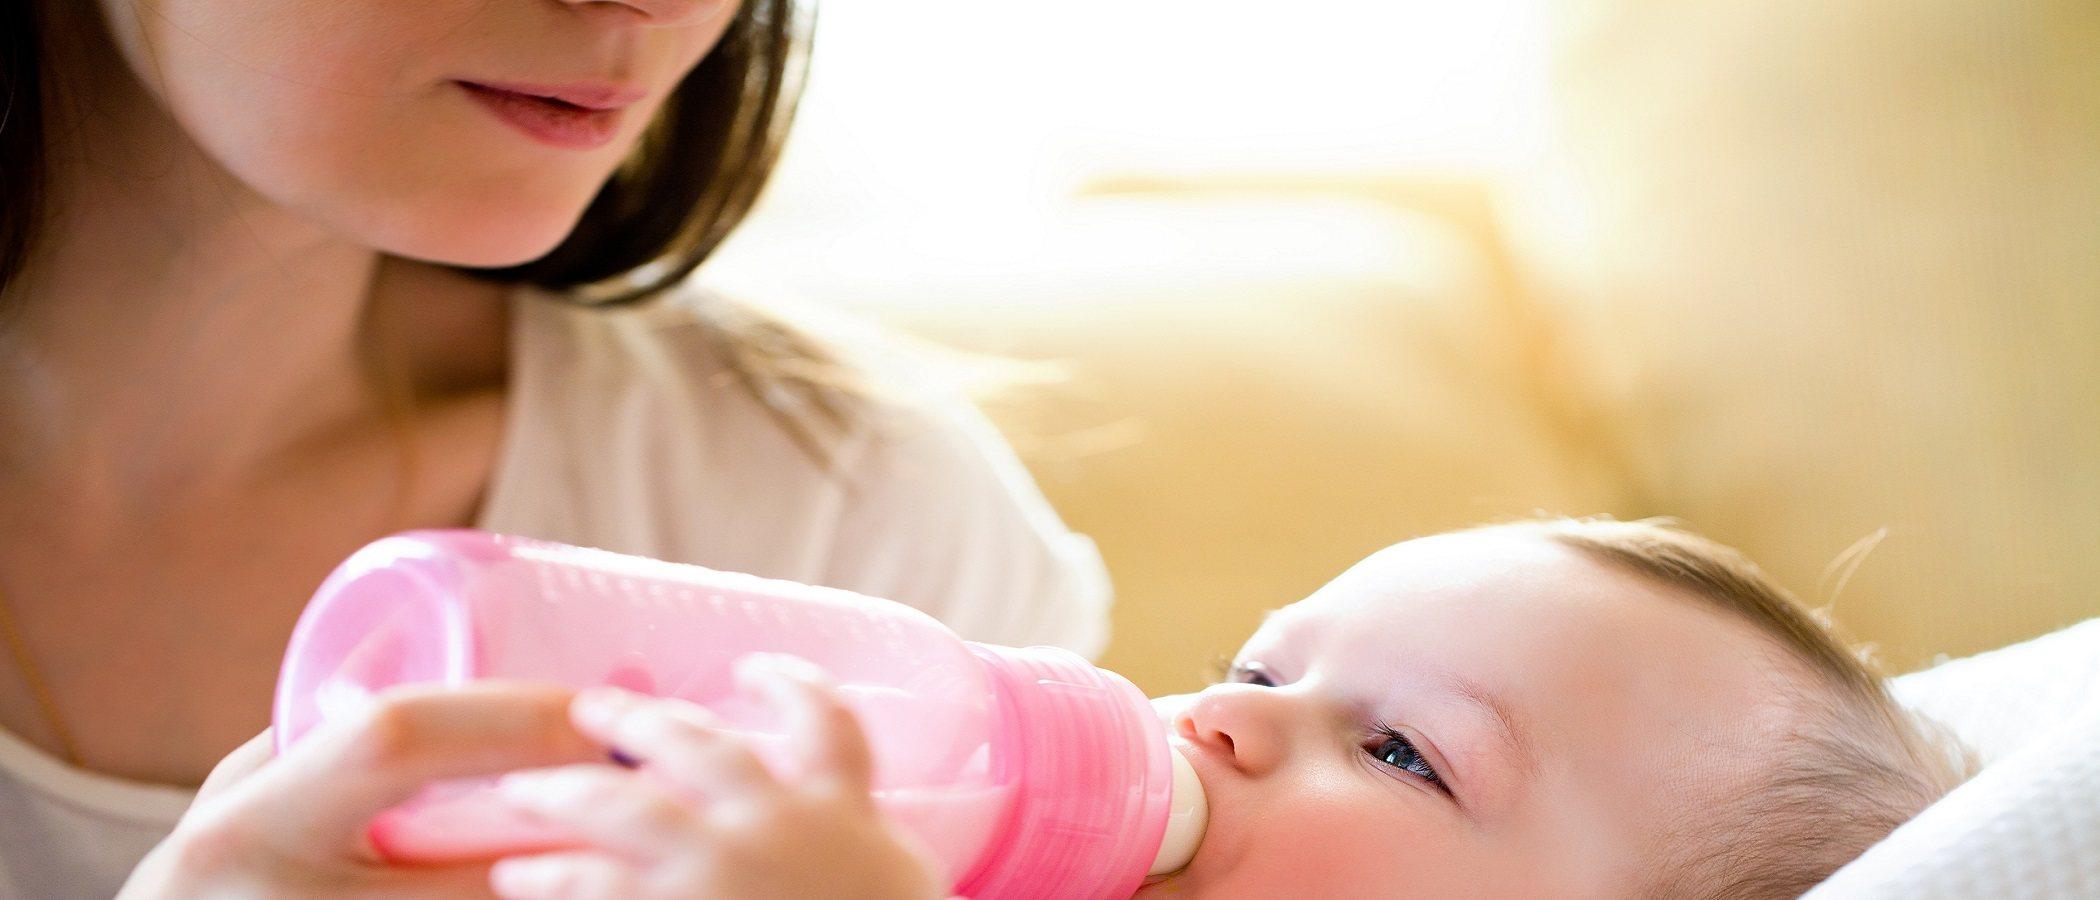 Peligros de que tu bebé tome demasiado tiempo con biberón